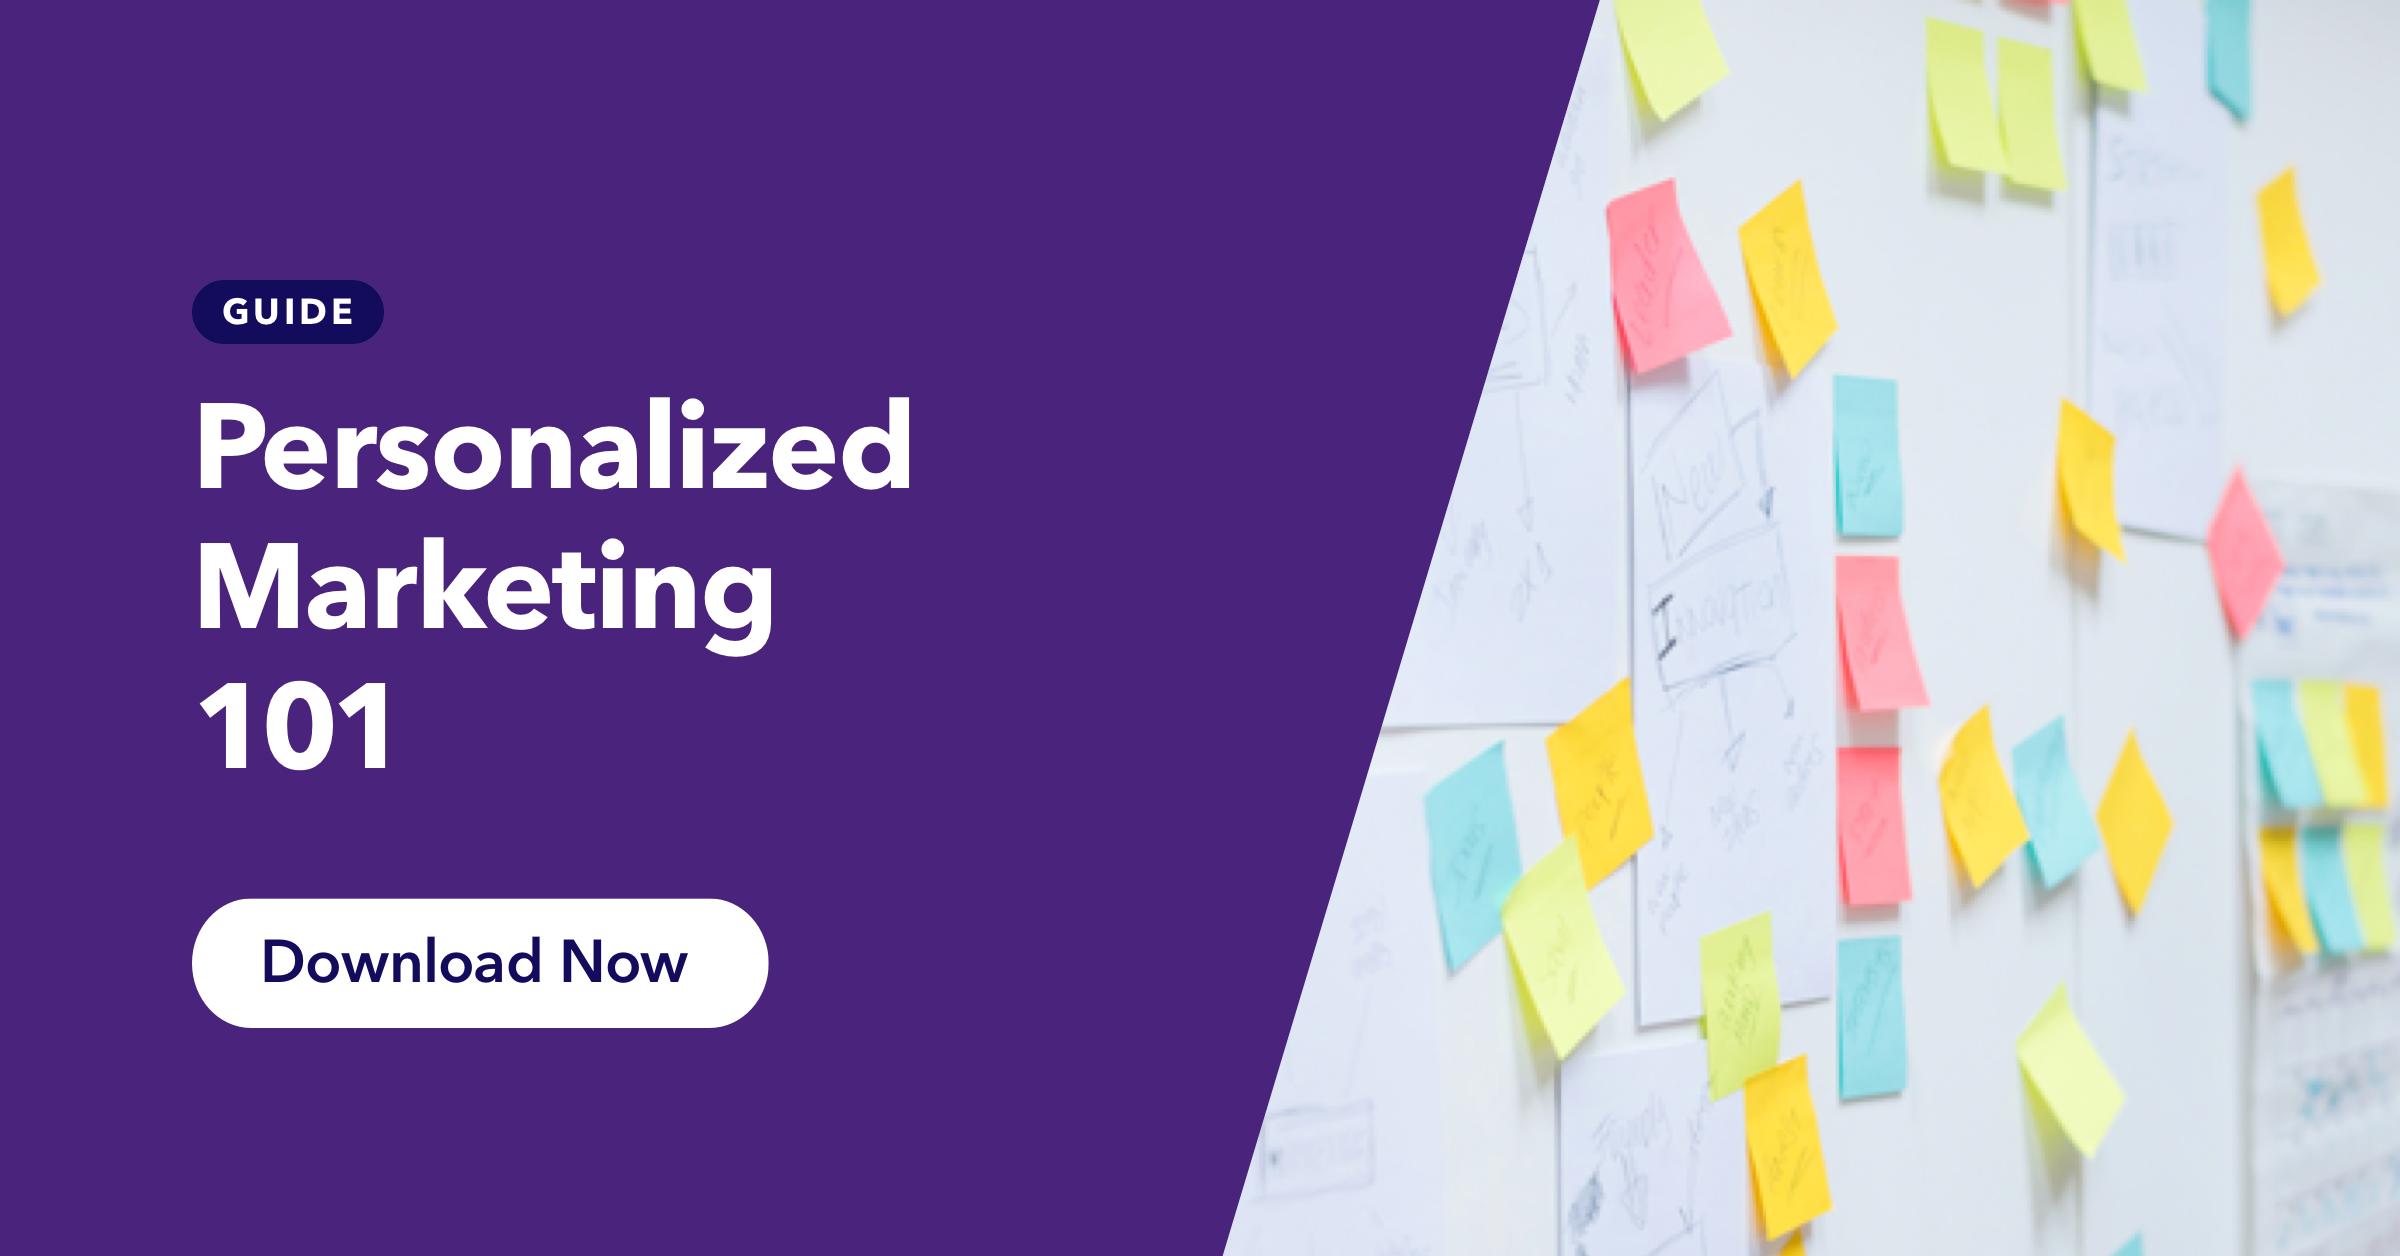 E02 GUIDE _Personalized marketing